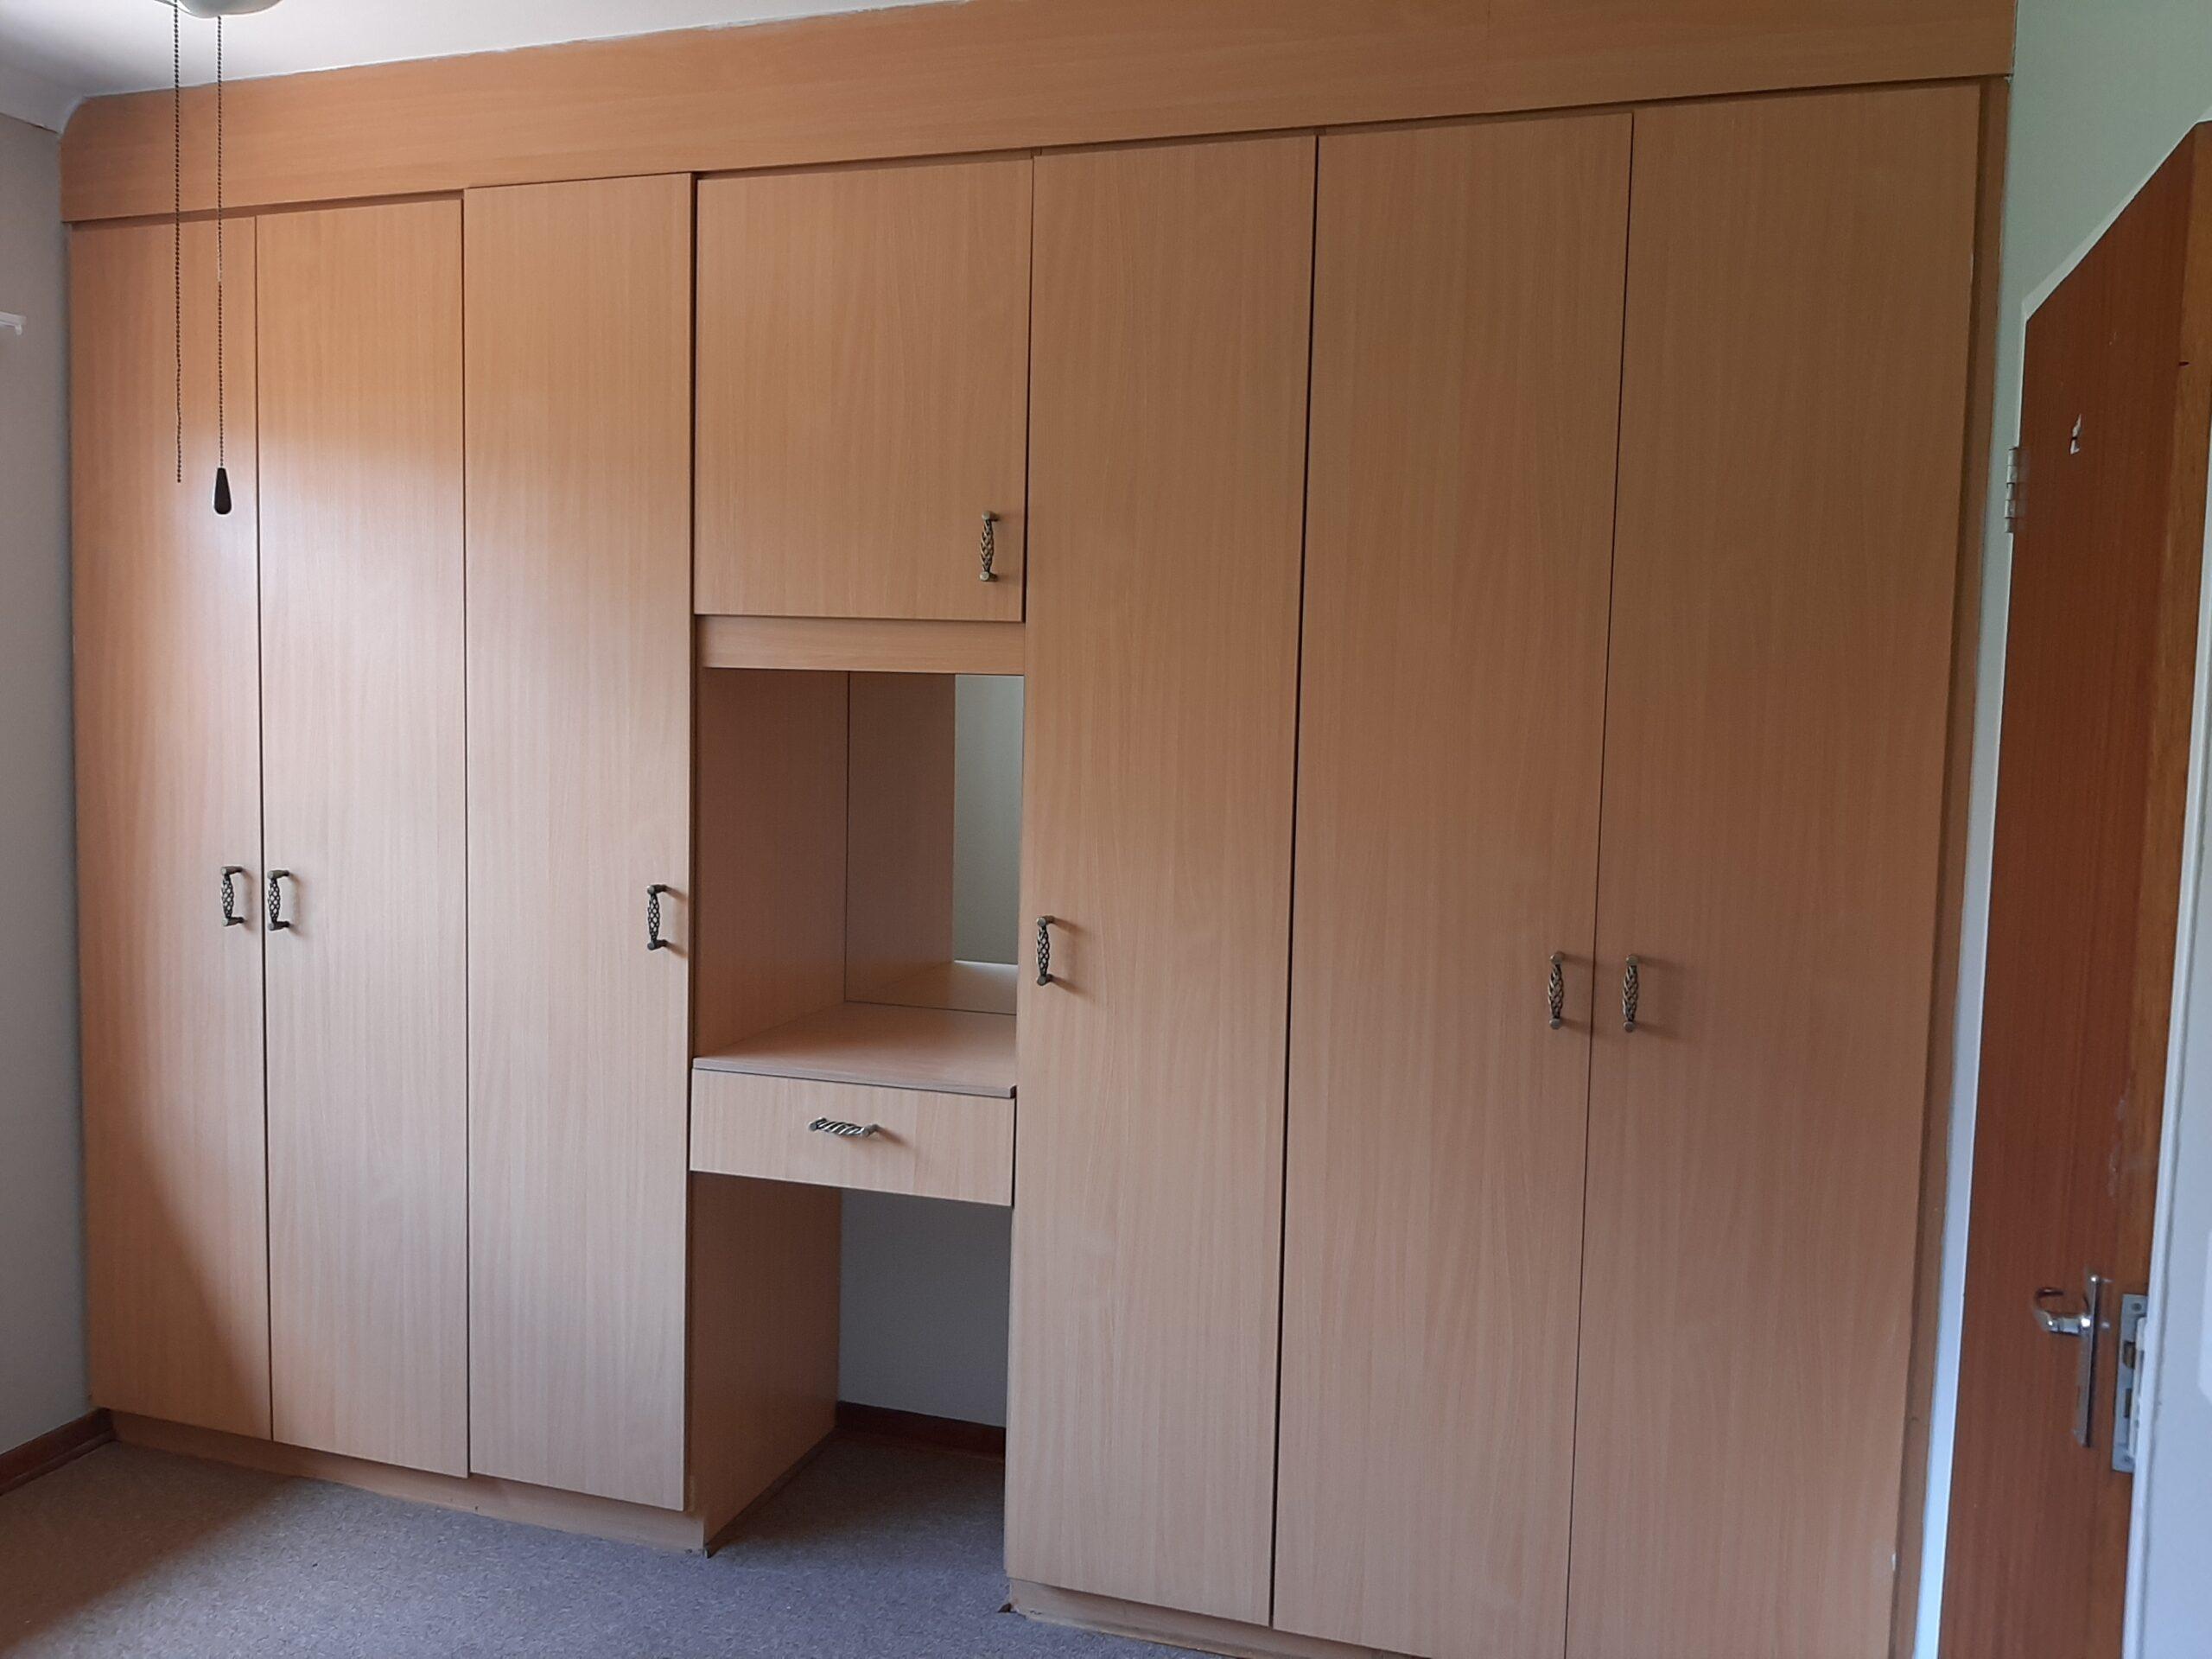 Apartment Cupboards